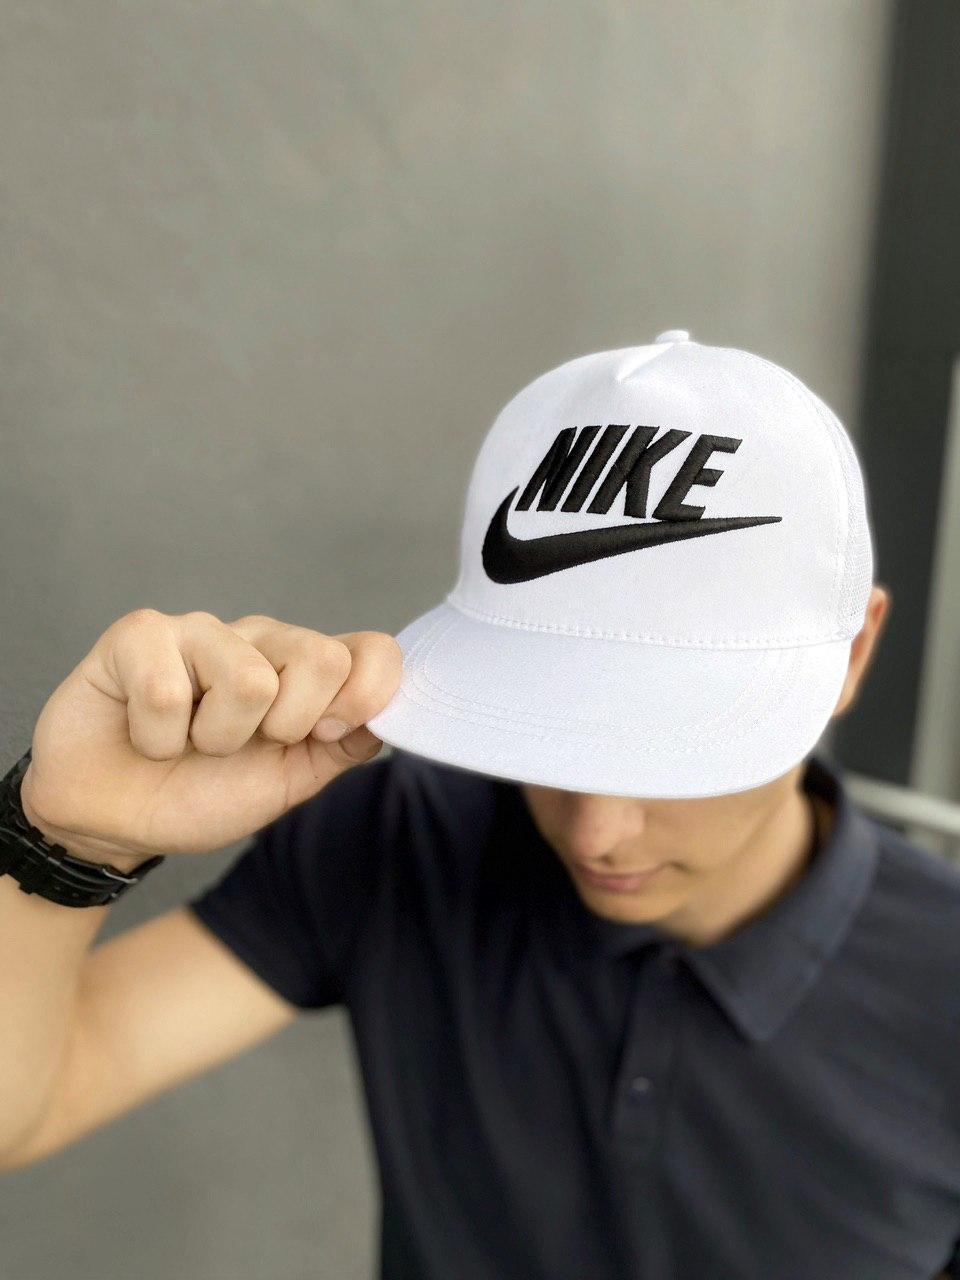 Кепка Nike мужская   женская найк белая big black logo